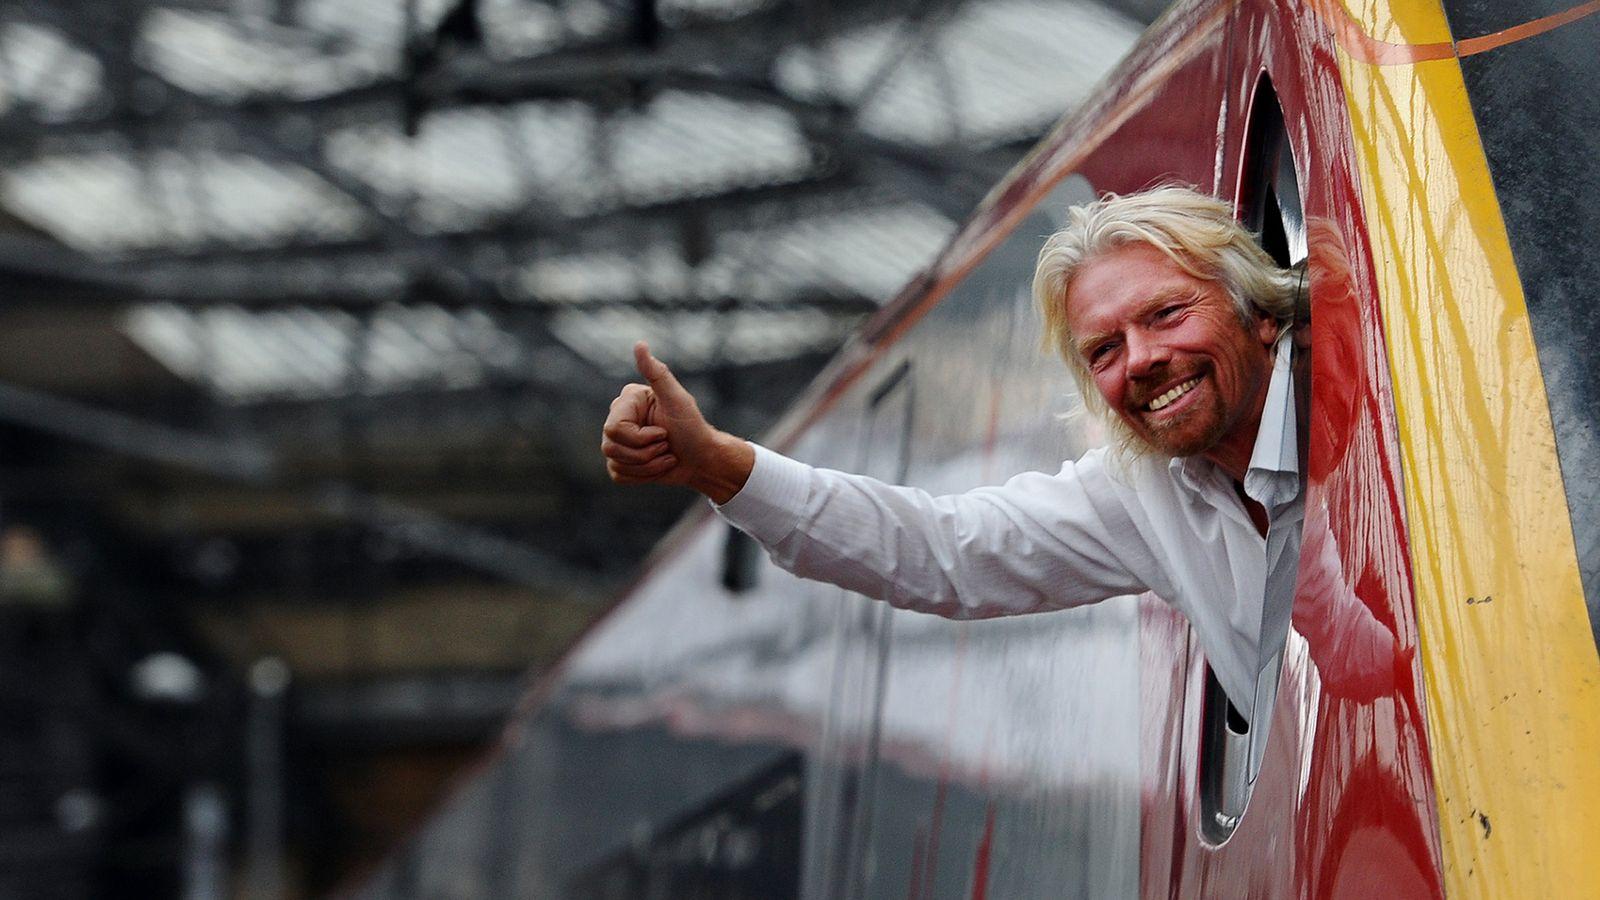 乘客嘲笑理查德布兰森说准时很重要